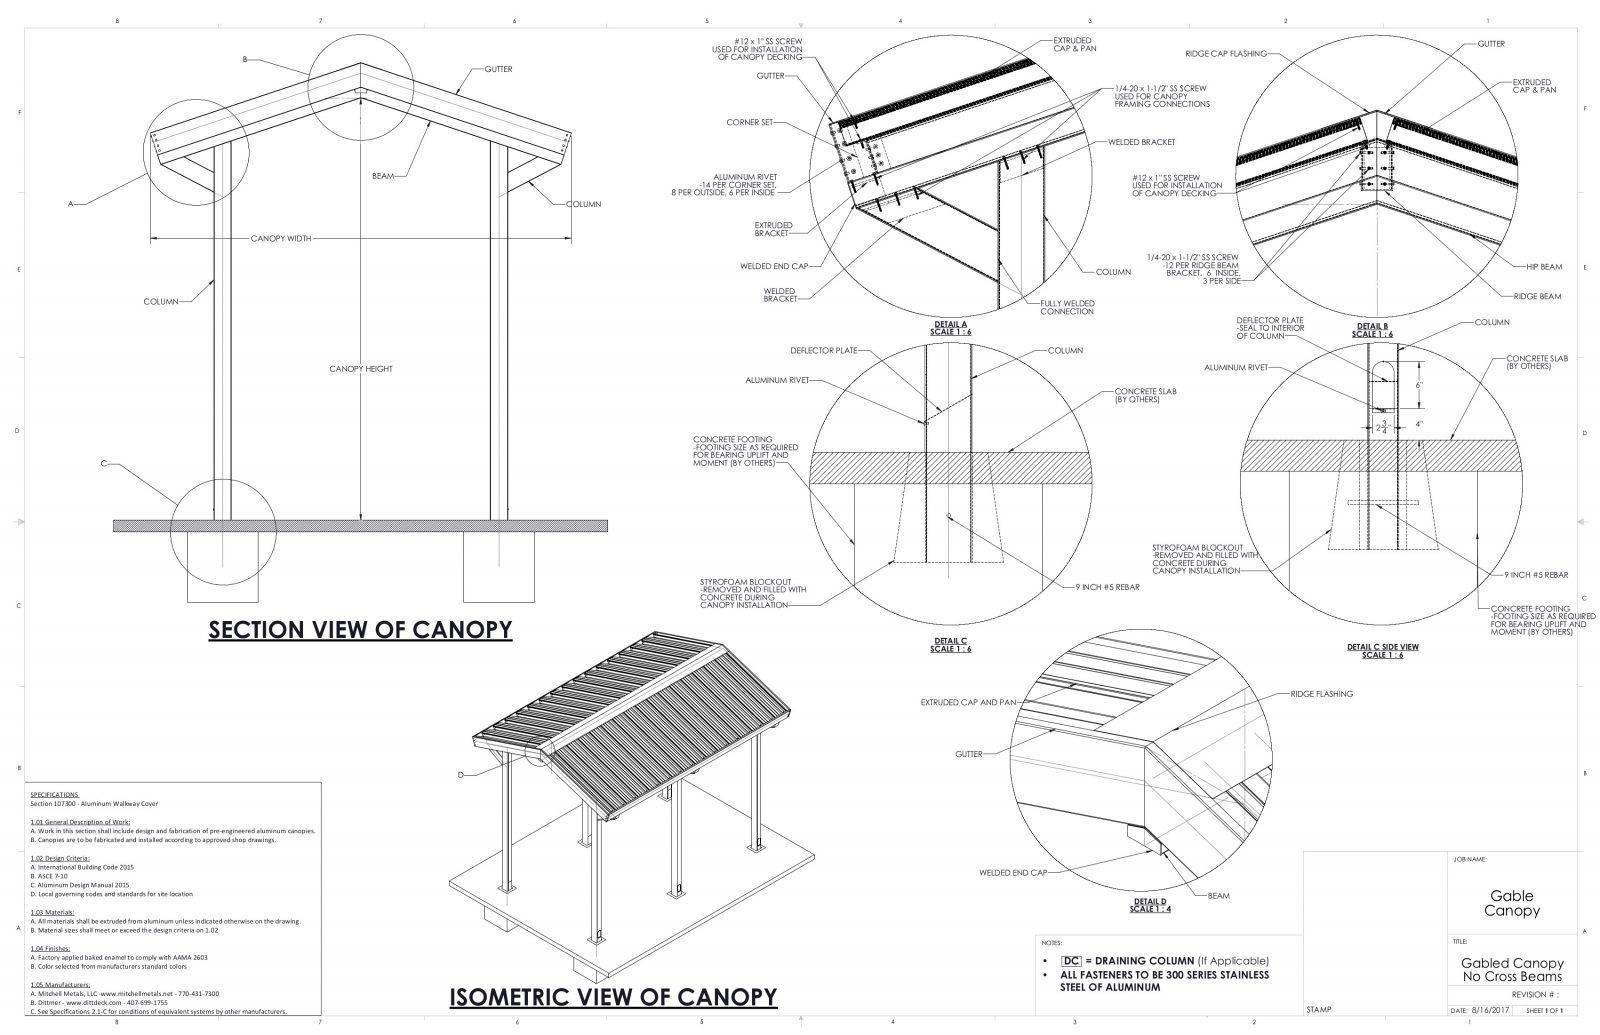 Gable Canopy Drawings